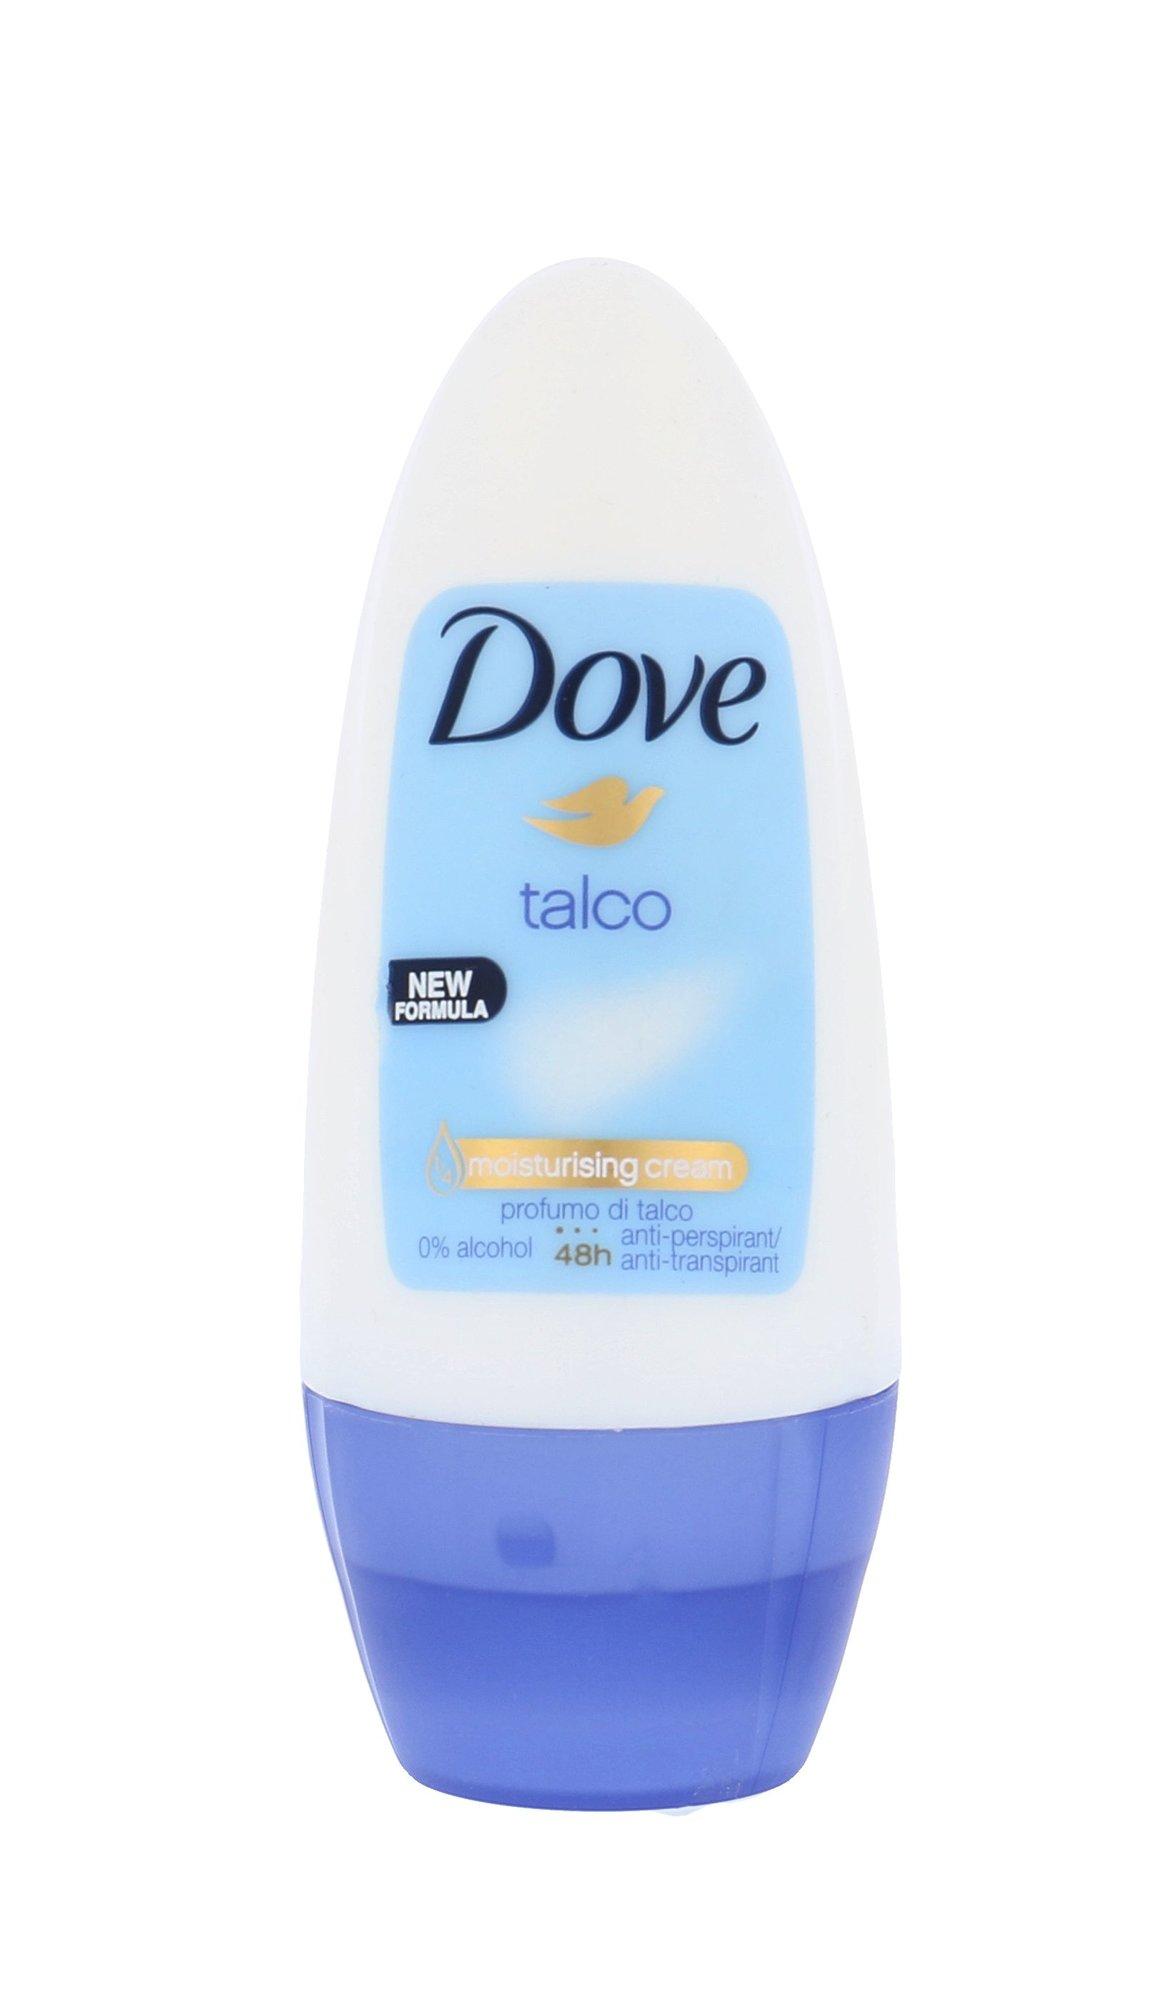 Dove Talco Cosmetic 50ml